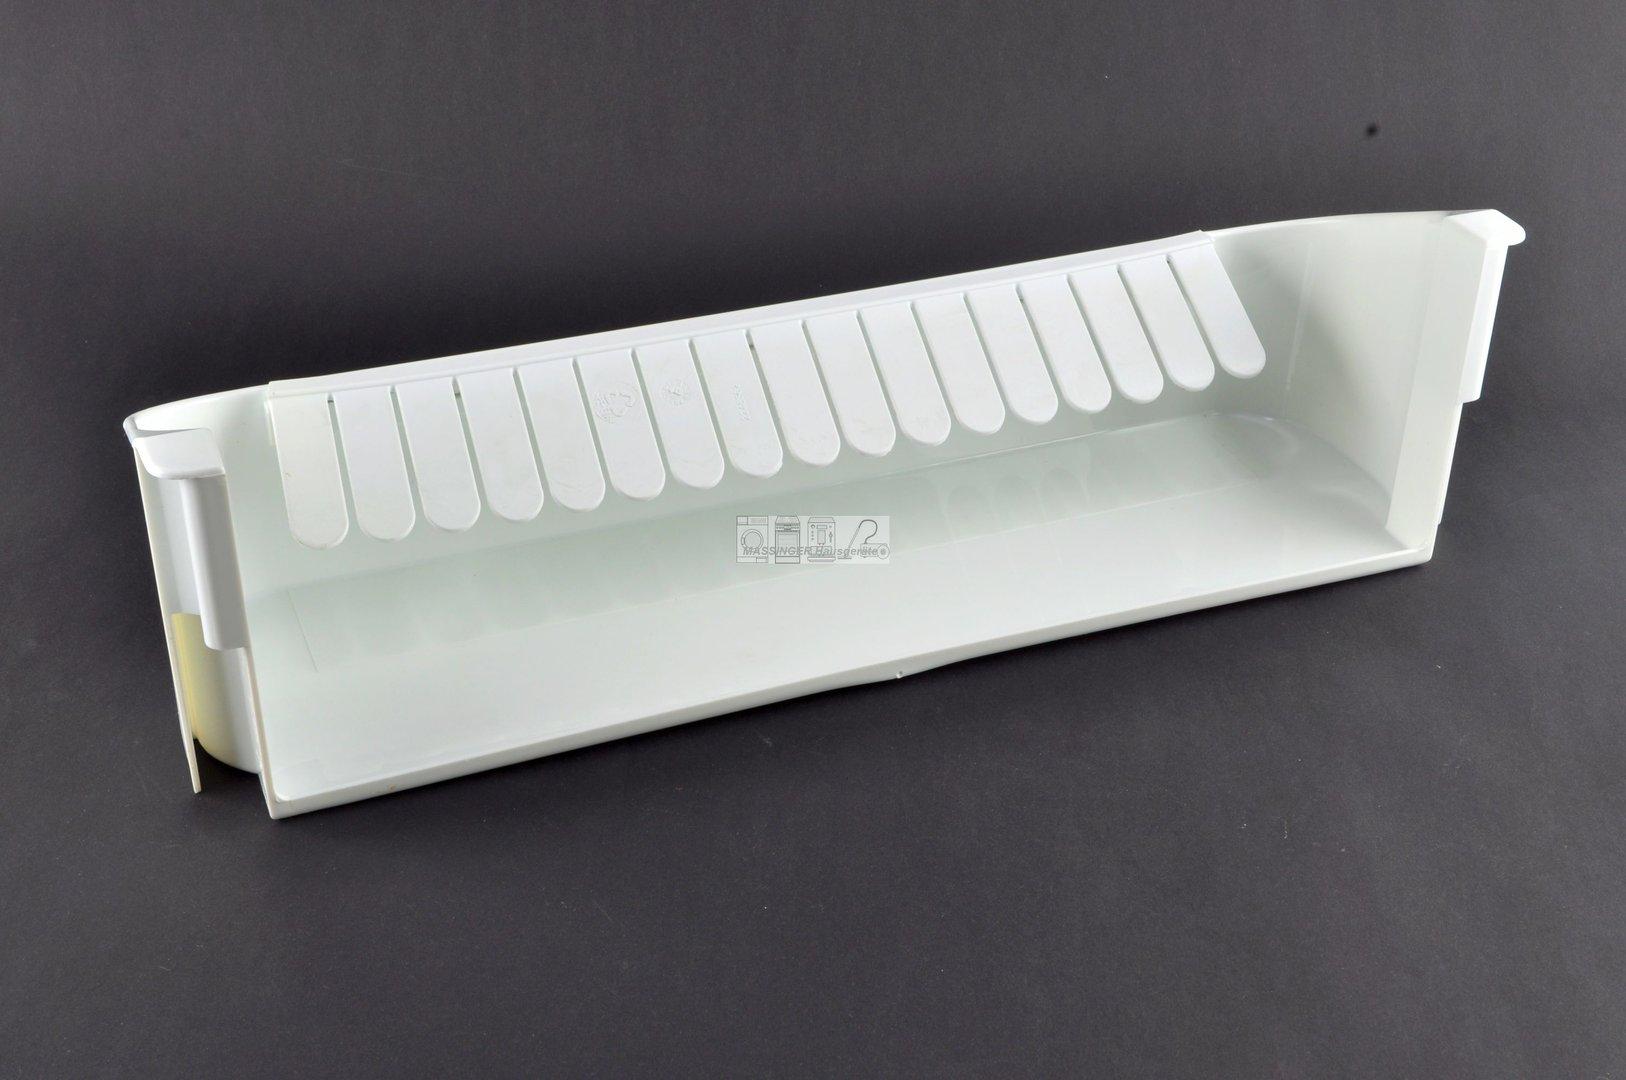 Siemens Kühlschrank Flaschenfach : Siemens kühlschrank türfächer siemens absteller fach türfach